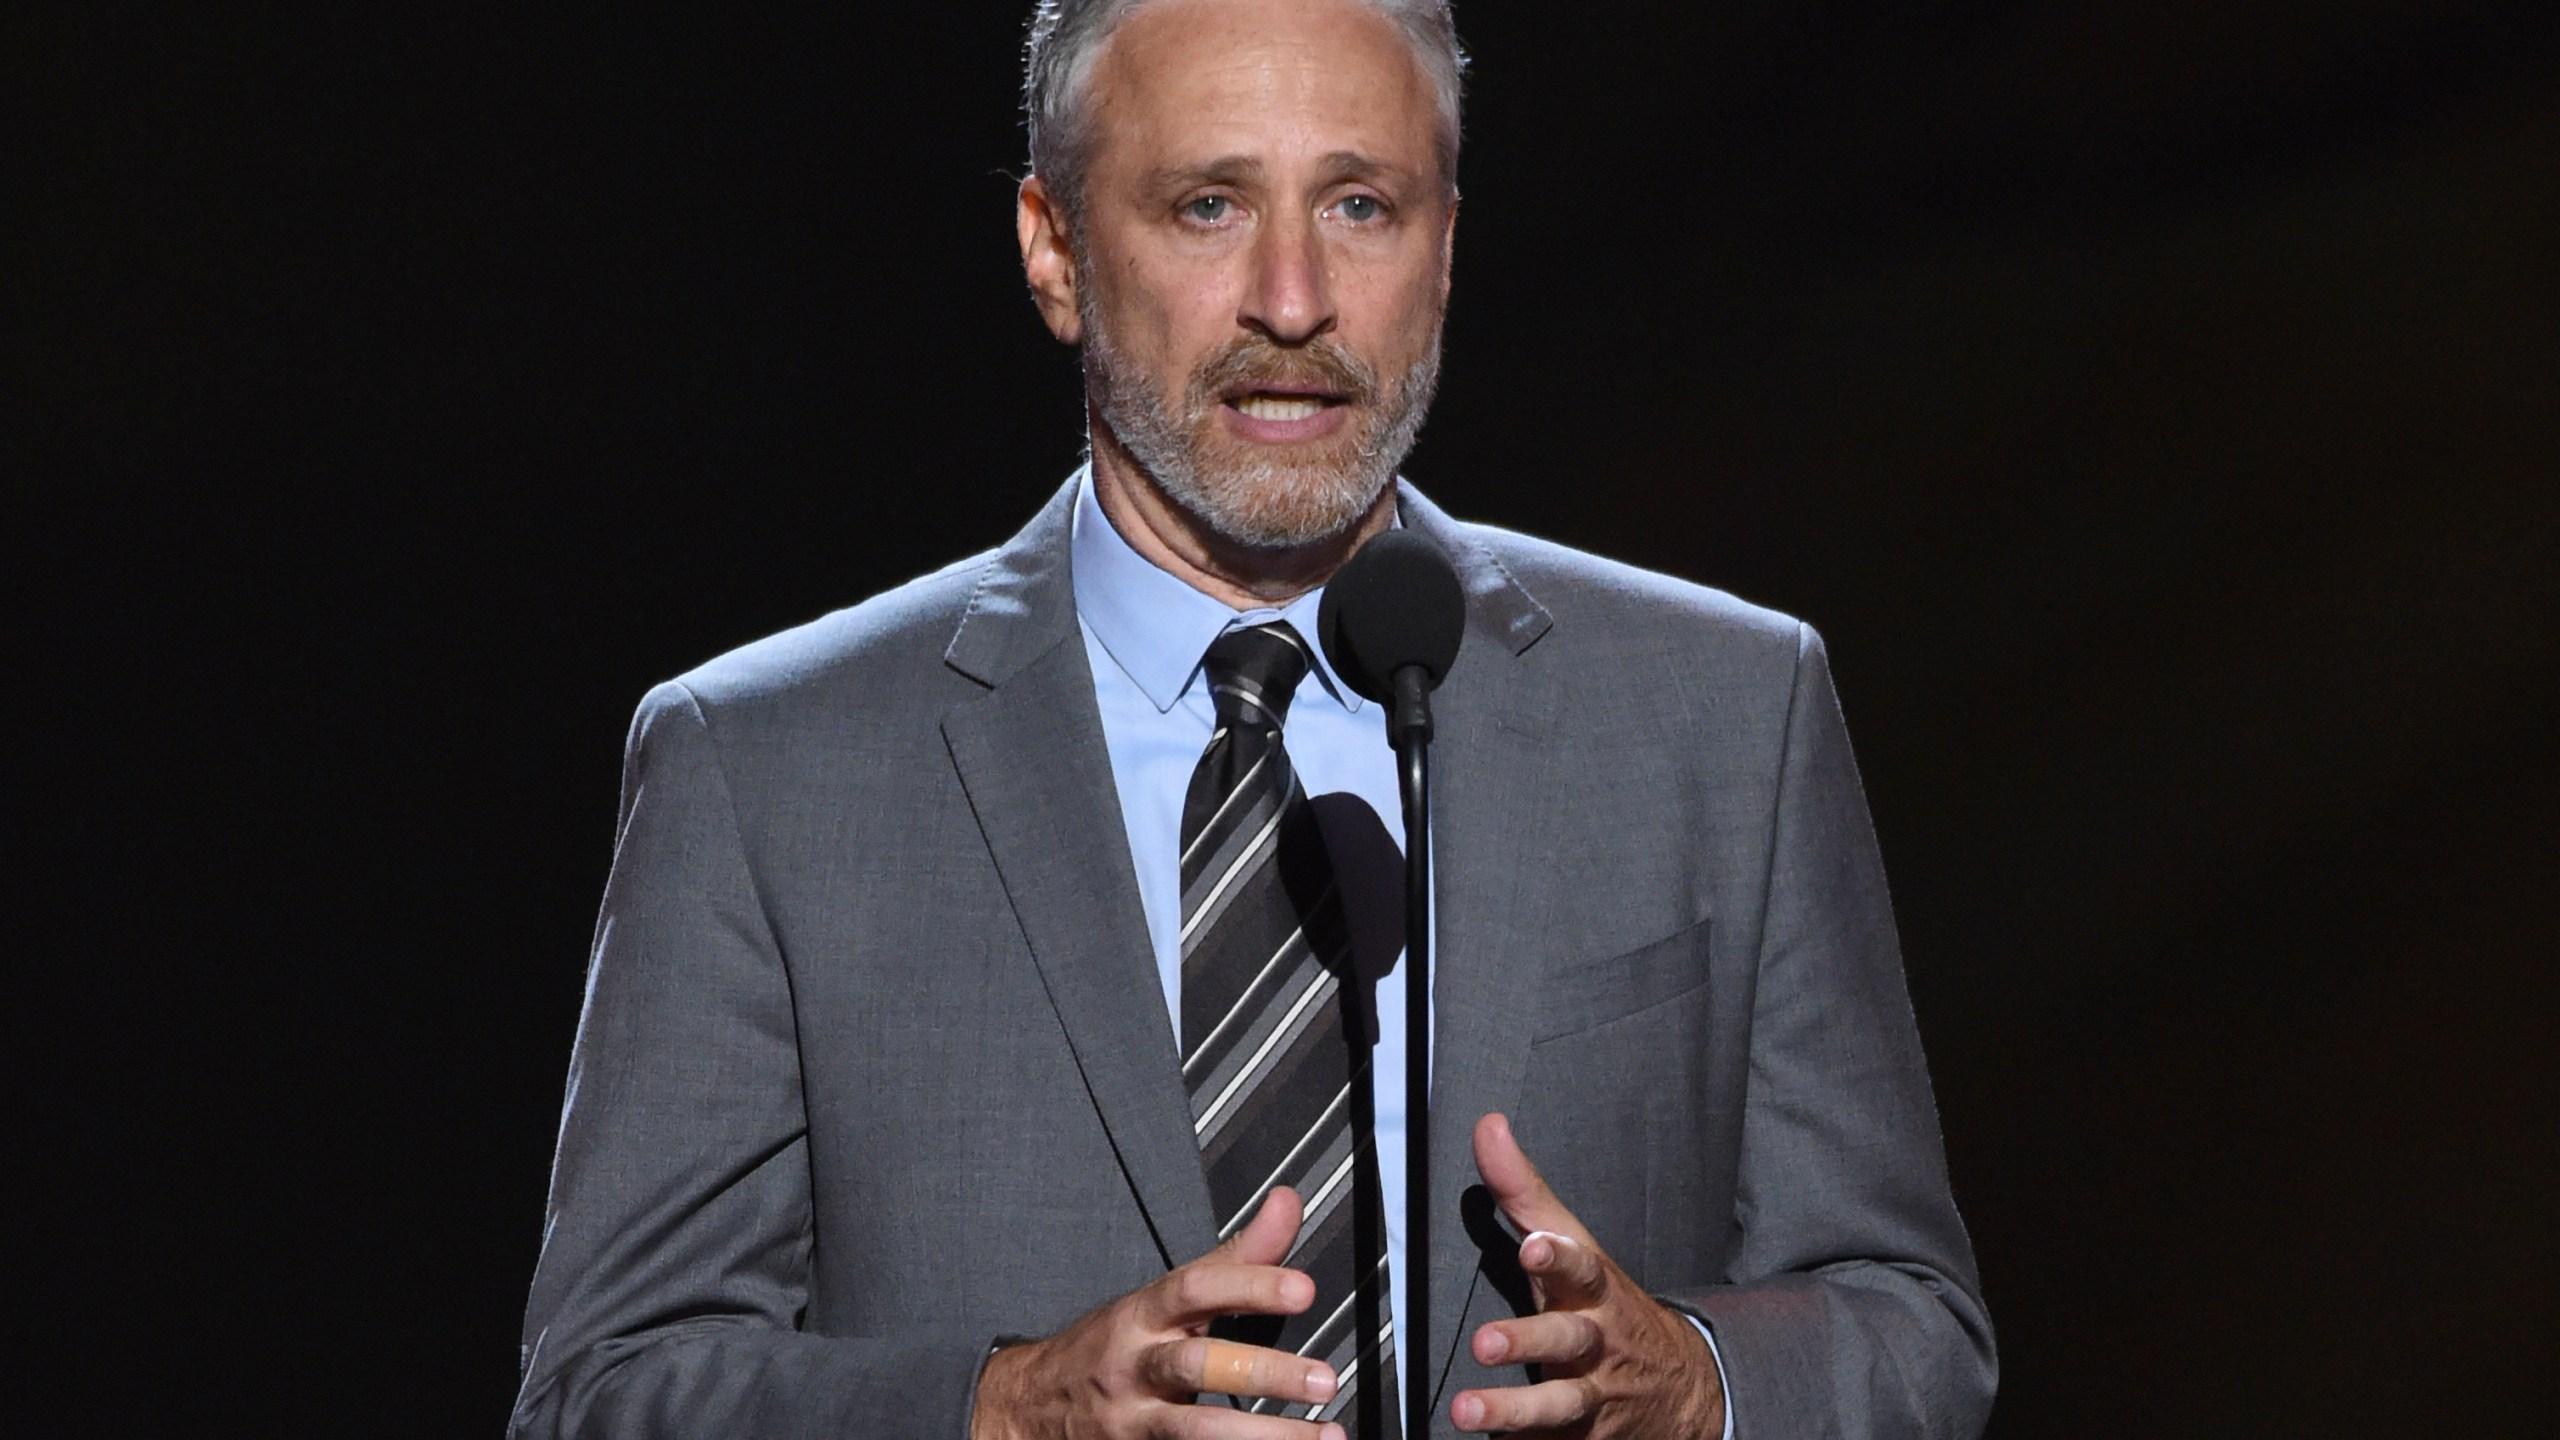 Jon Stewart